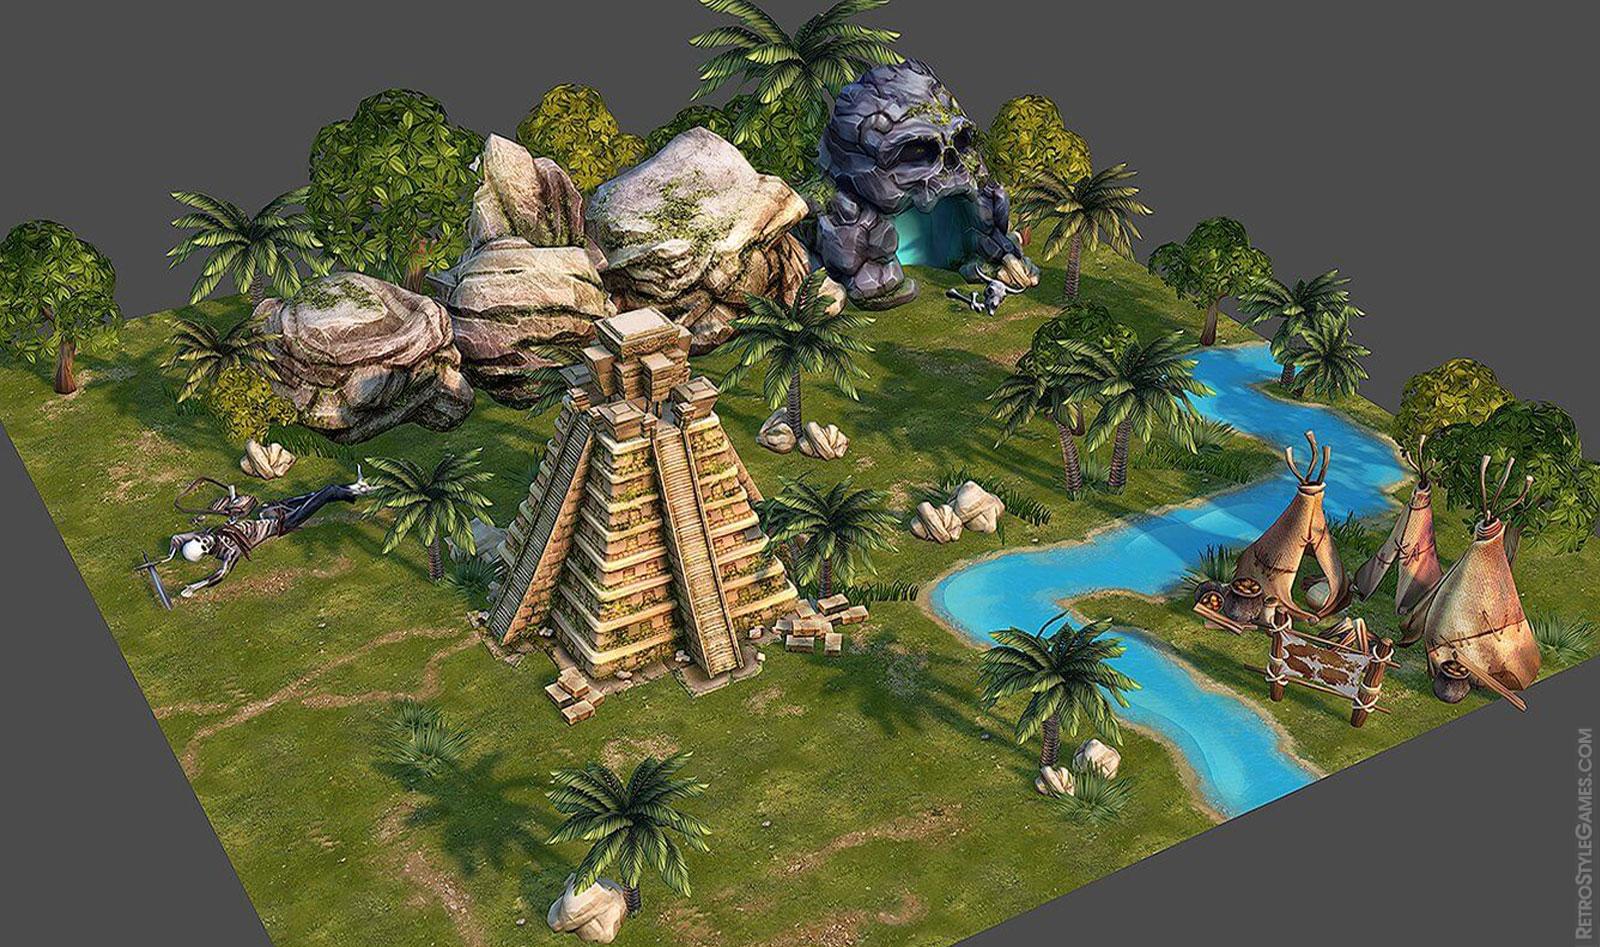 3d modeling filibuster pirates island assets